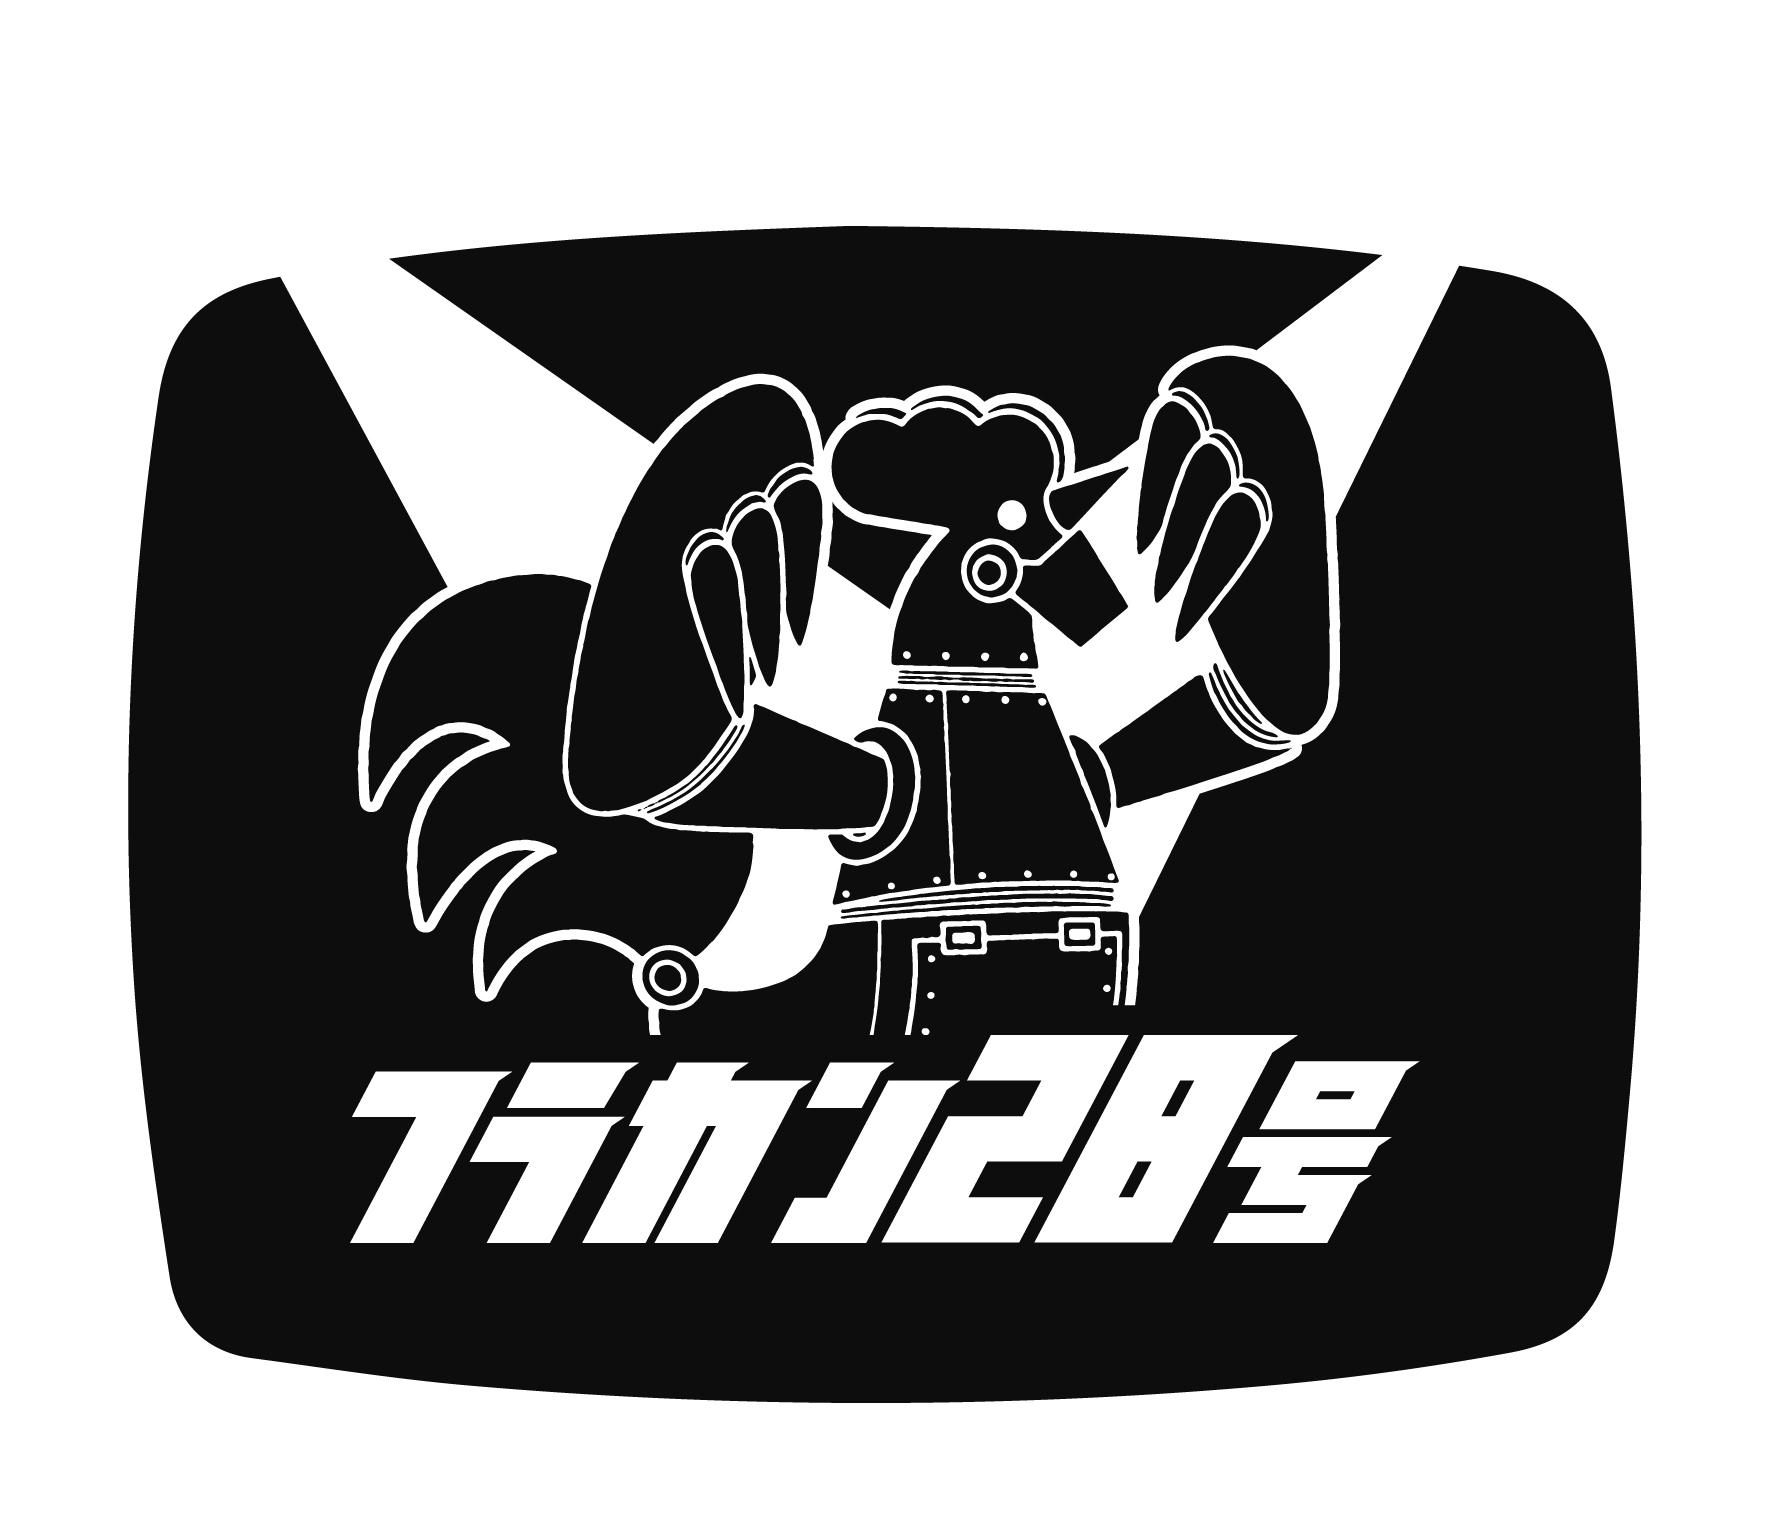 フラカン28号ロゴ